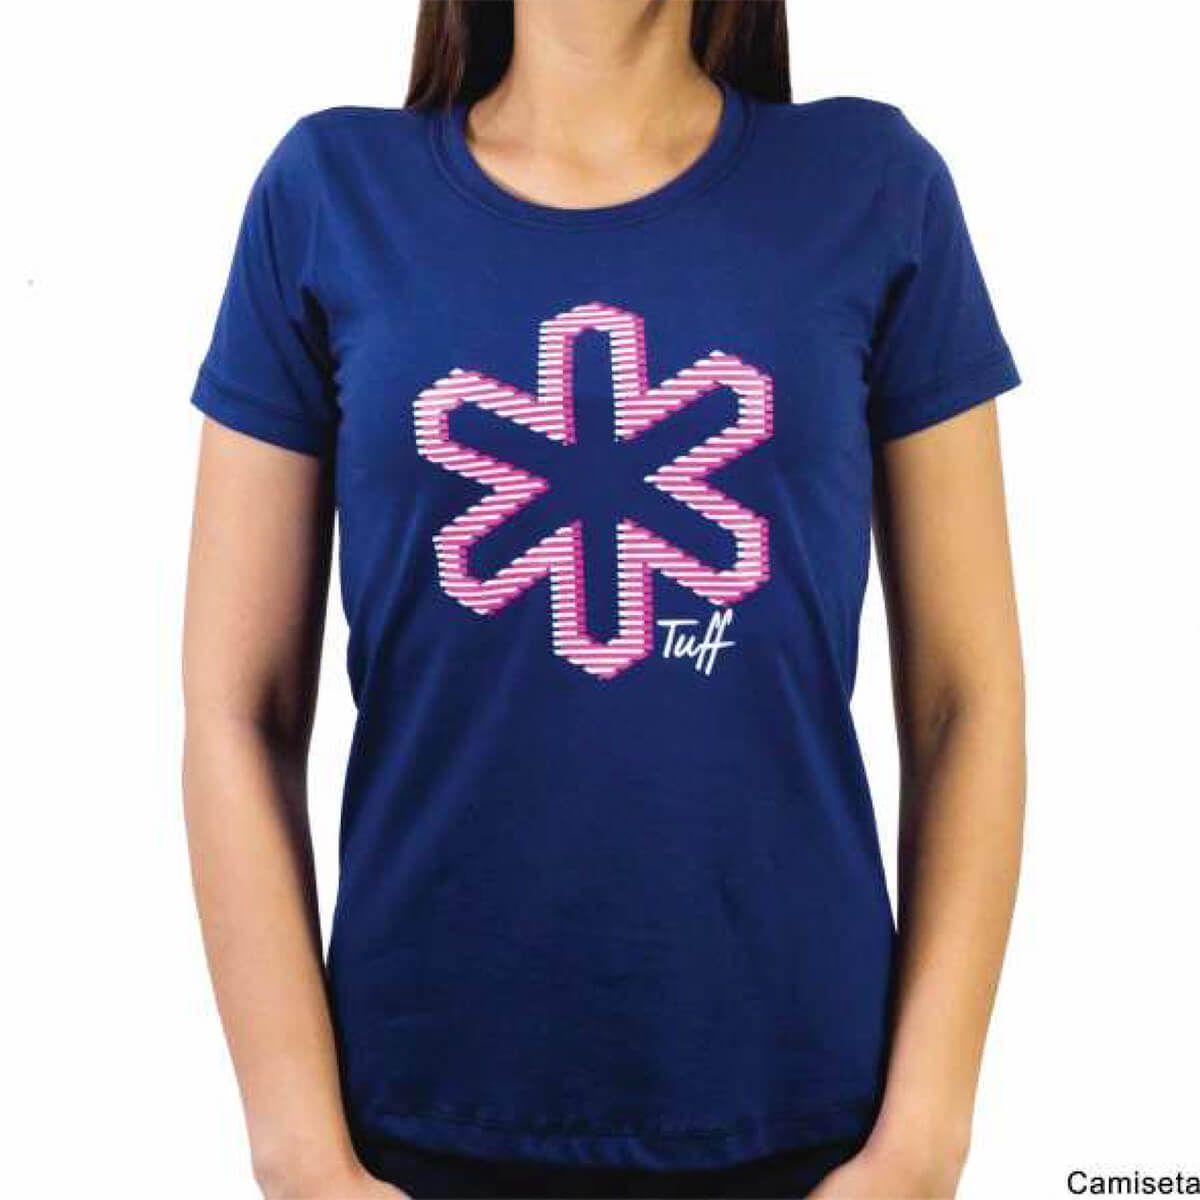 c8399e4609 Camiseta Tuff Feminina Azul Marinho Logo Rosa - Arena Country Echaporã